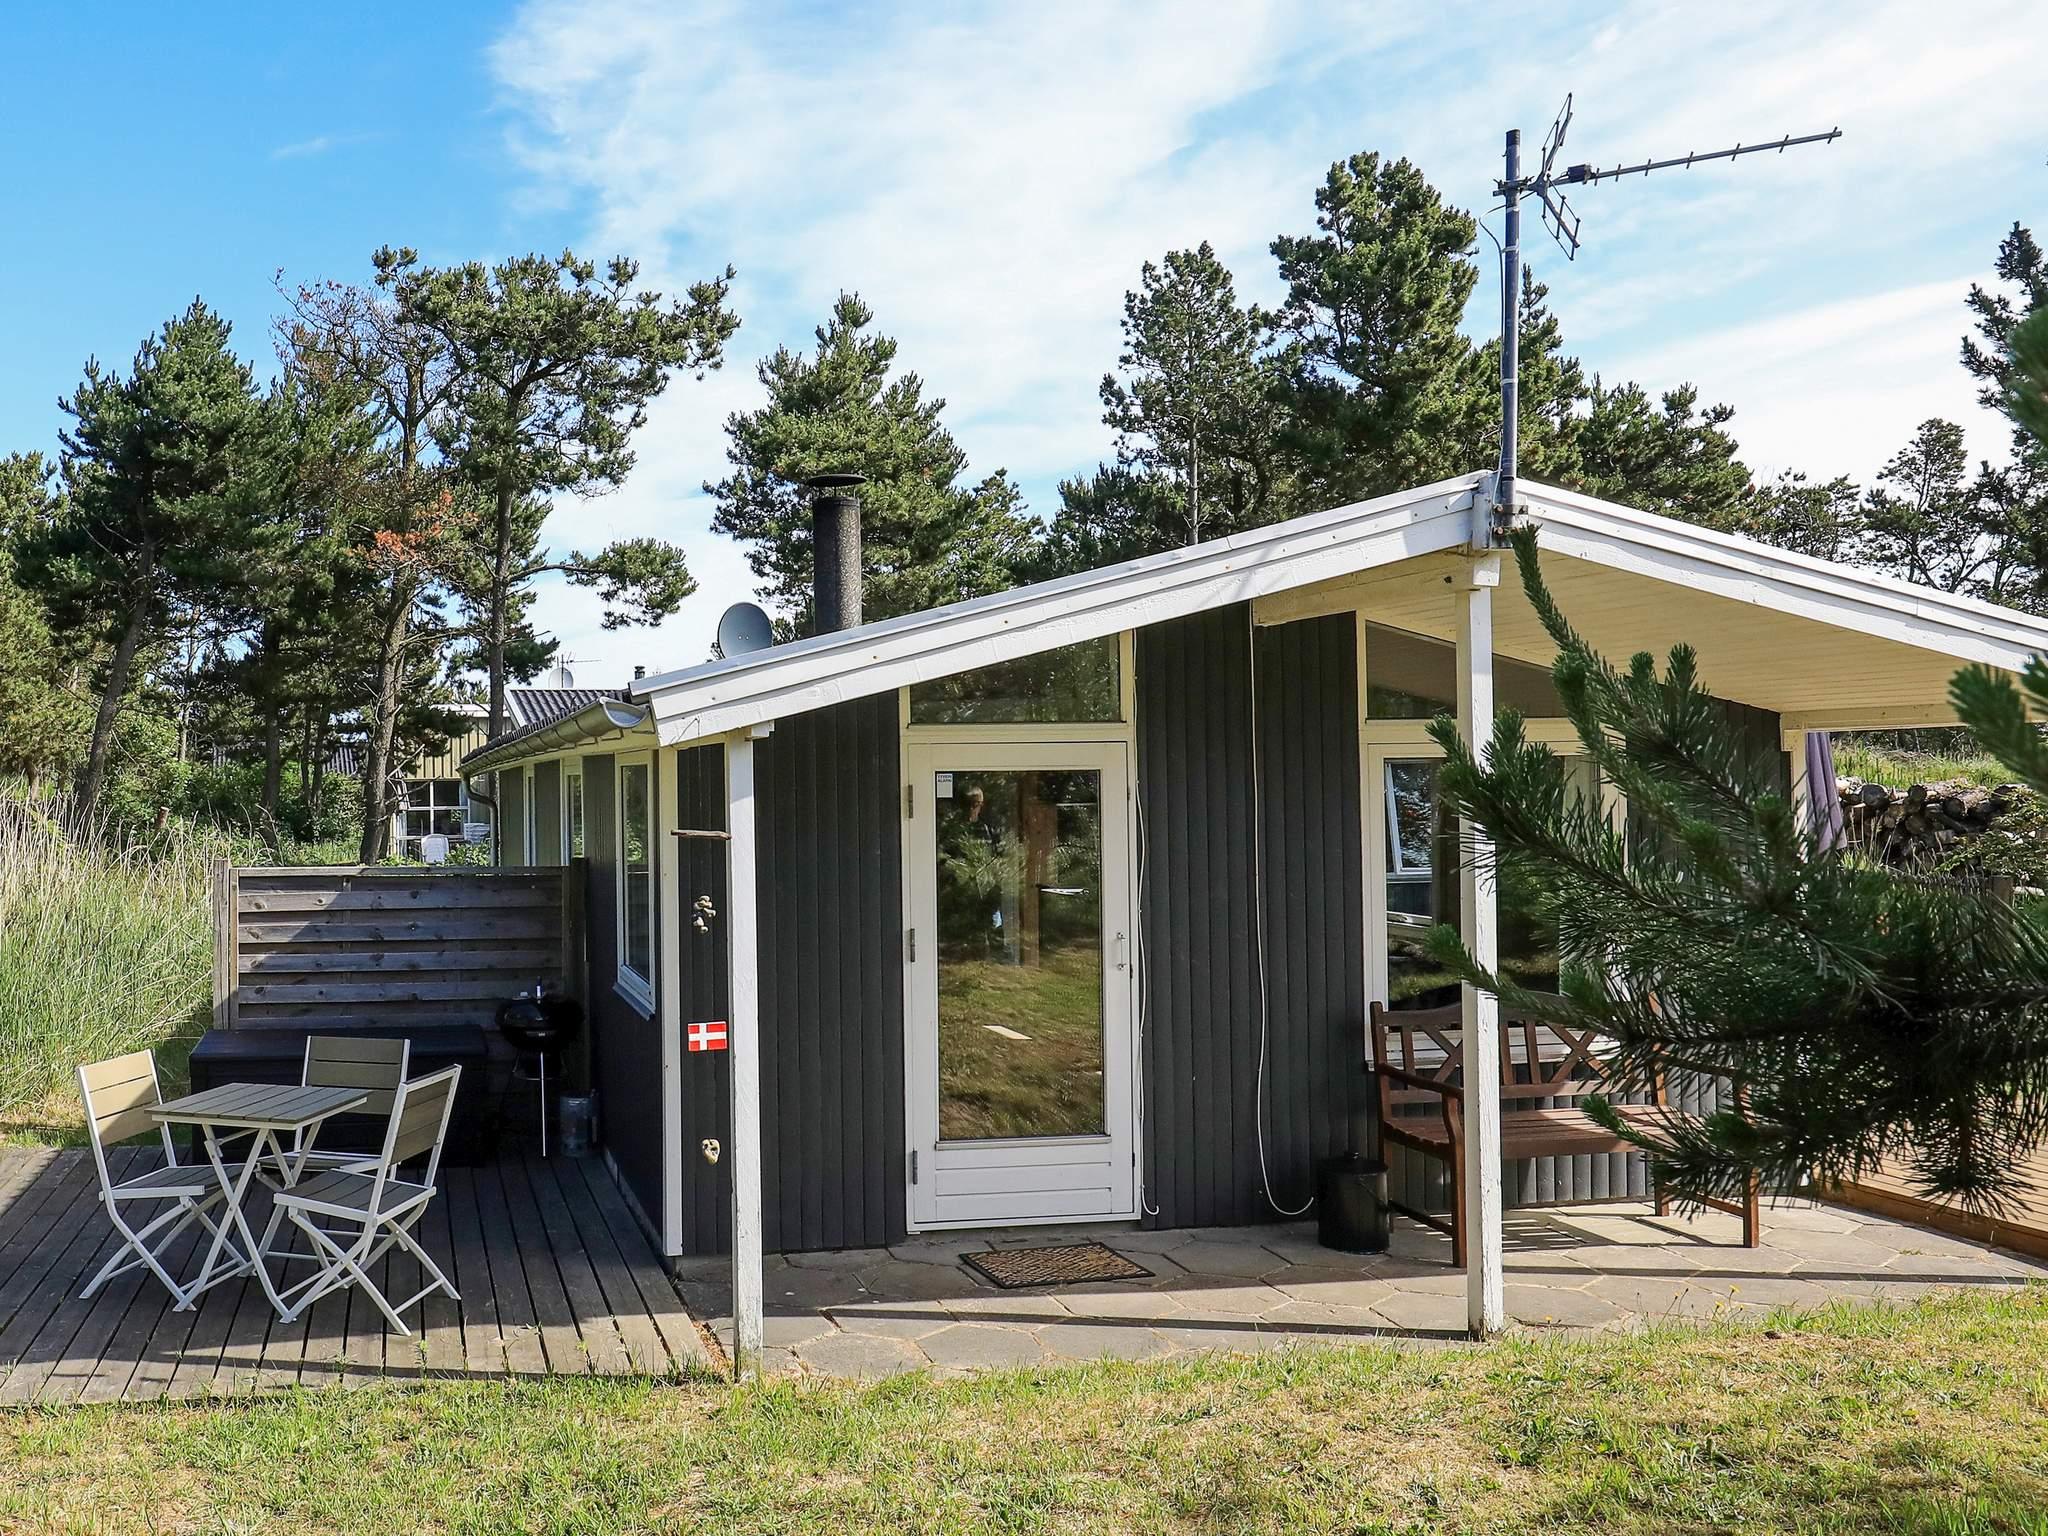 Ferienhaus Kjul Strand (2523809), Hirtshals, , Nordwestjütland, Dänemark, Bild 15